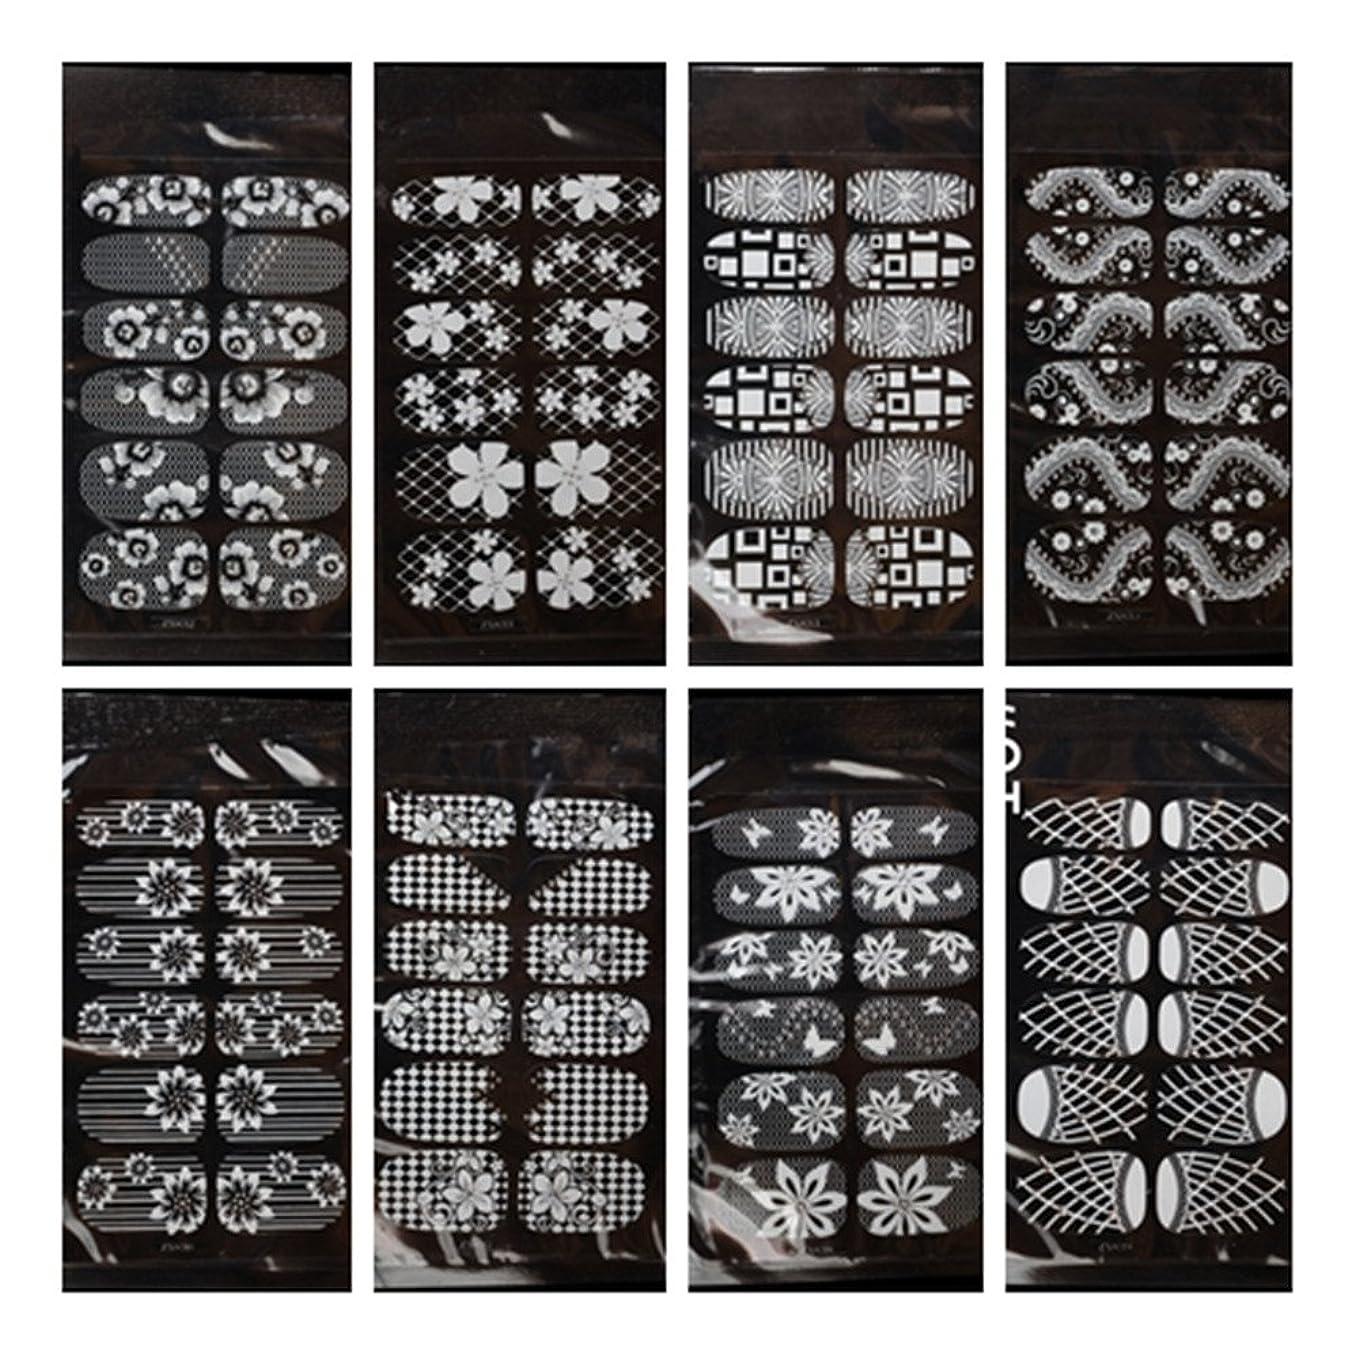 反対反響する敏感な8枚セット花柄ネイルシール ネイルステッカー セット 貼るだけマニキュア 白色 透明 (Bセット)